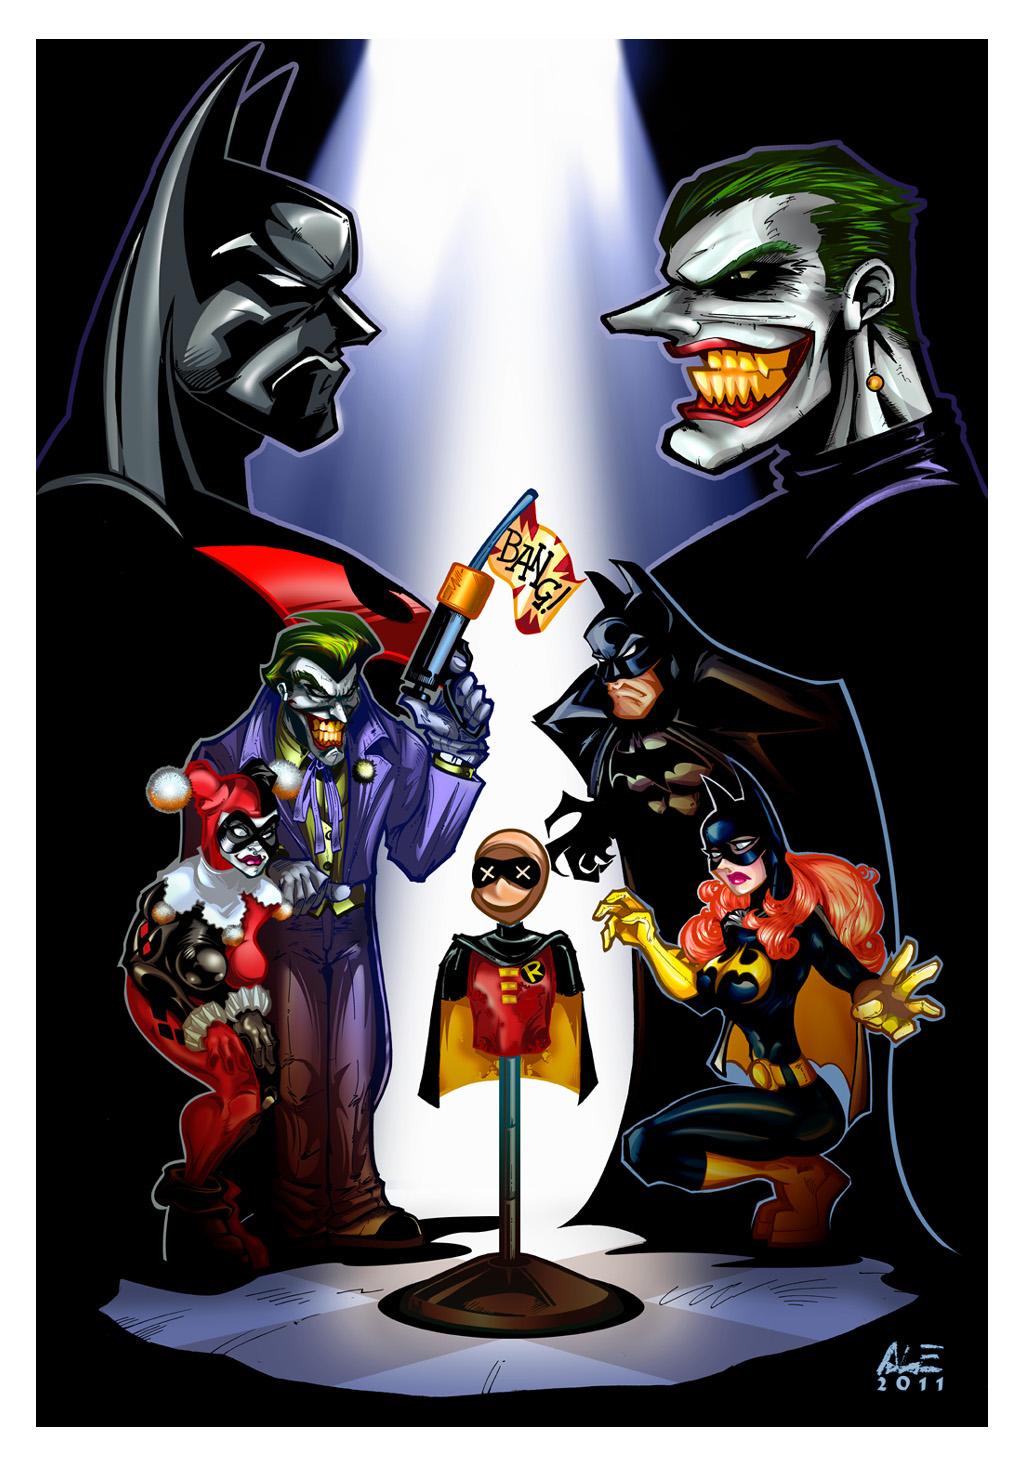 BATMAN BEYOND: Return of the Joker, color by ALEROGER